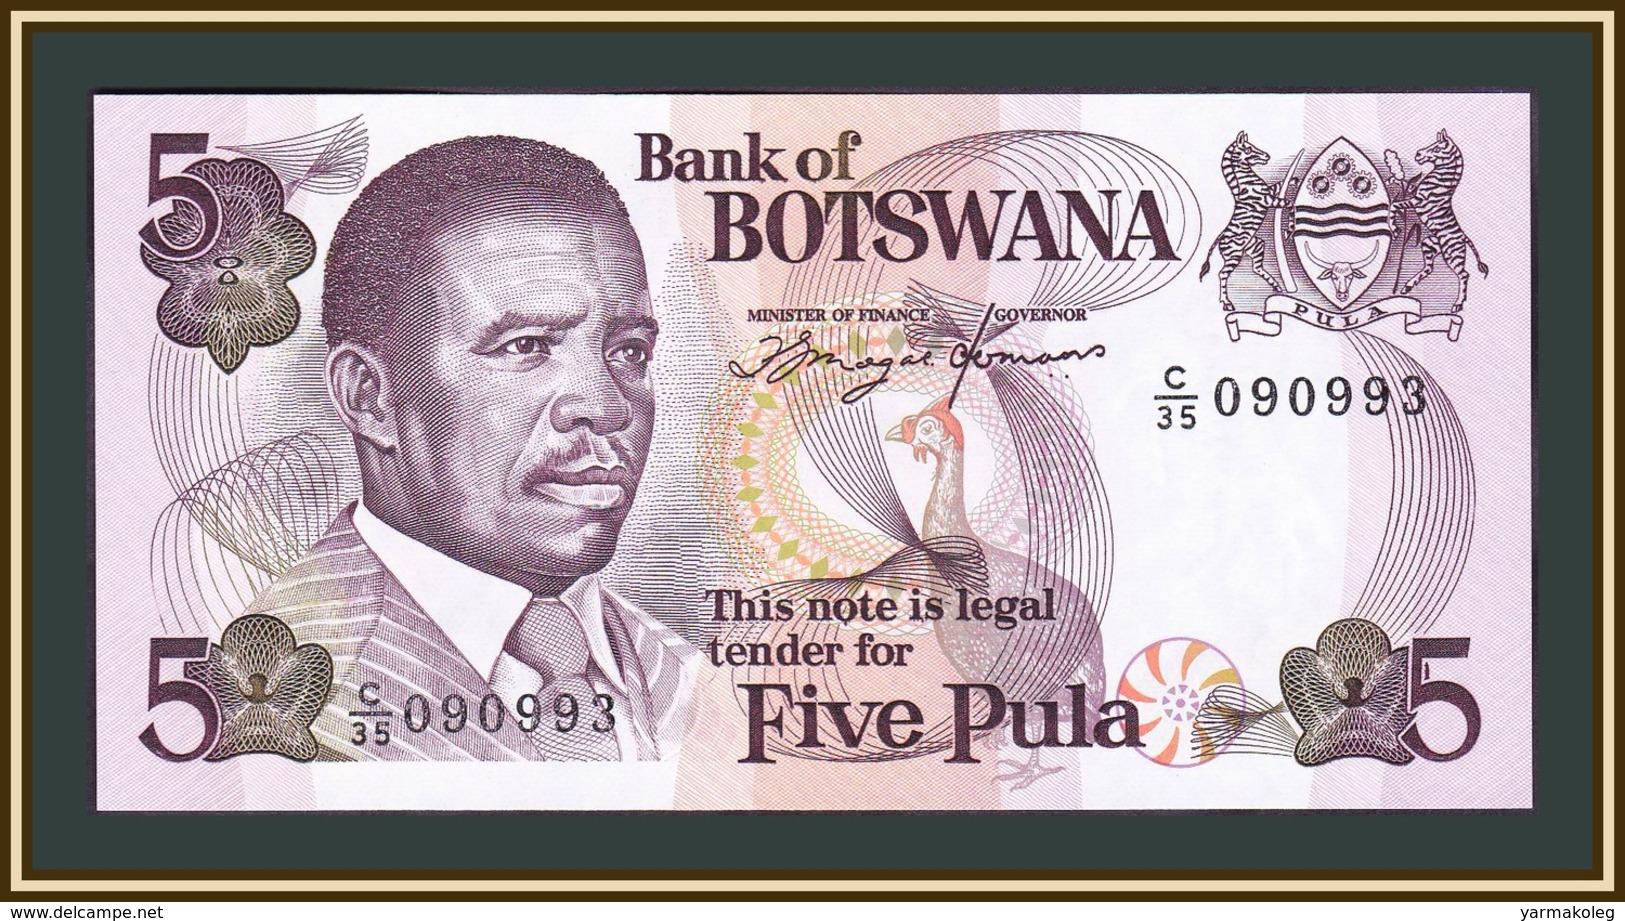 Botswana 5 Pulы 1982 P-8 (8c) UNC - Botswana